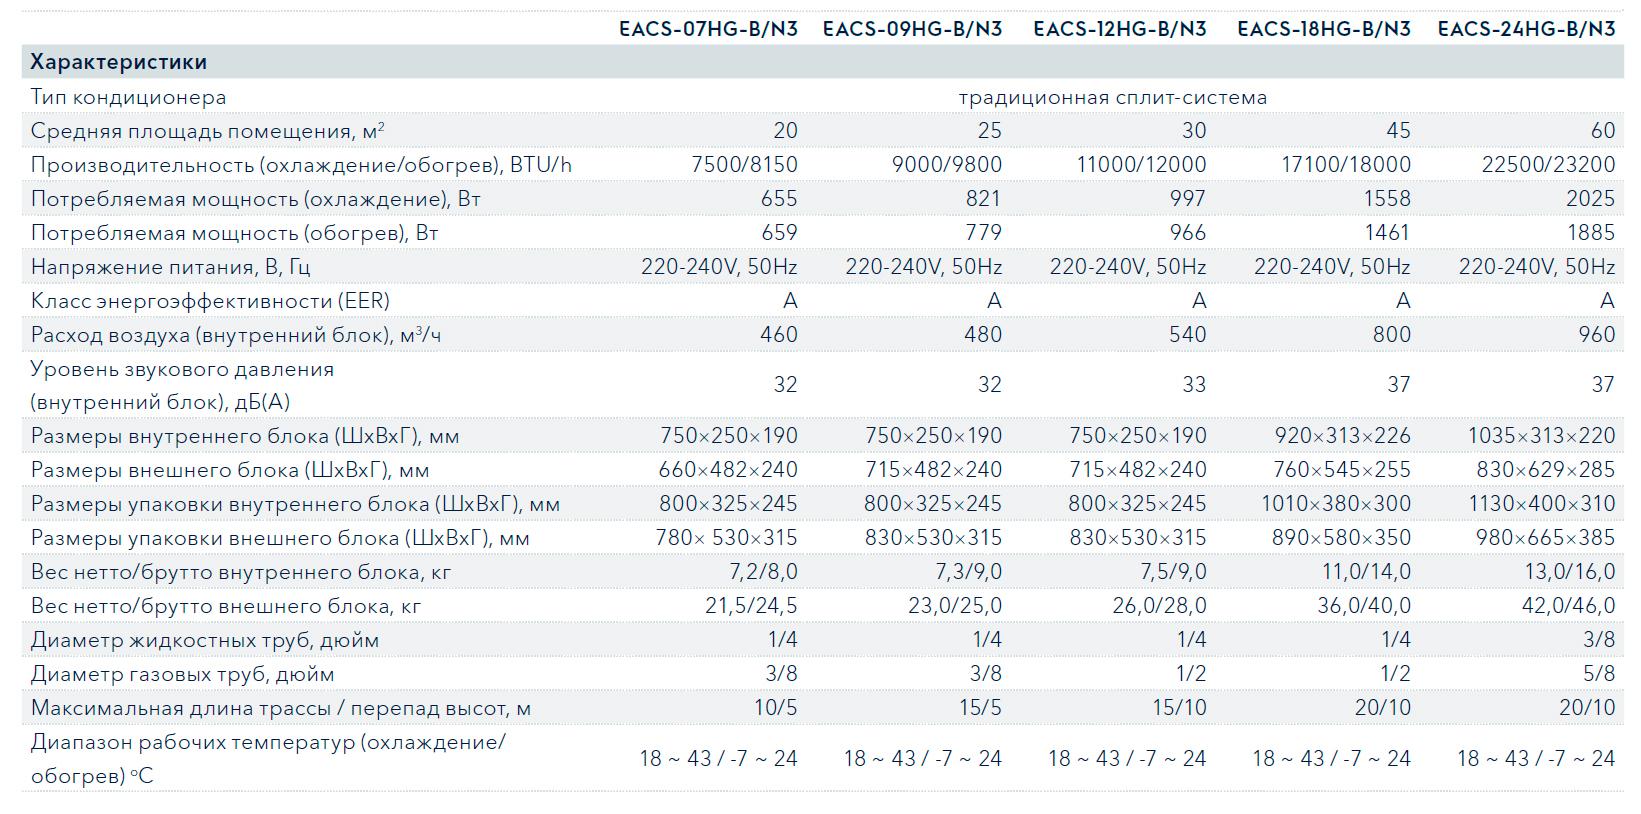 Технические характеристики кондиционера Electrolux EACS-09HG-B/N3 серии Air Gate